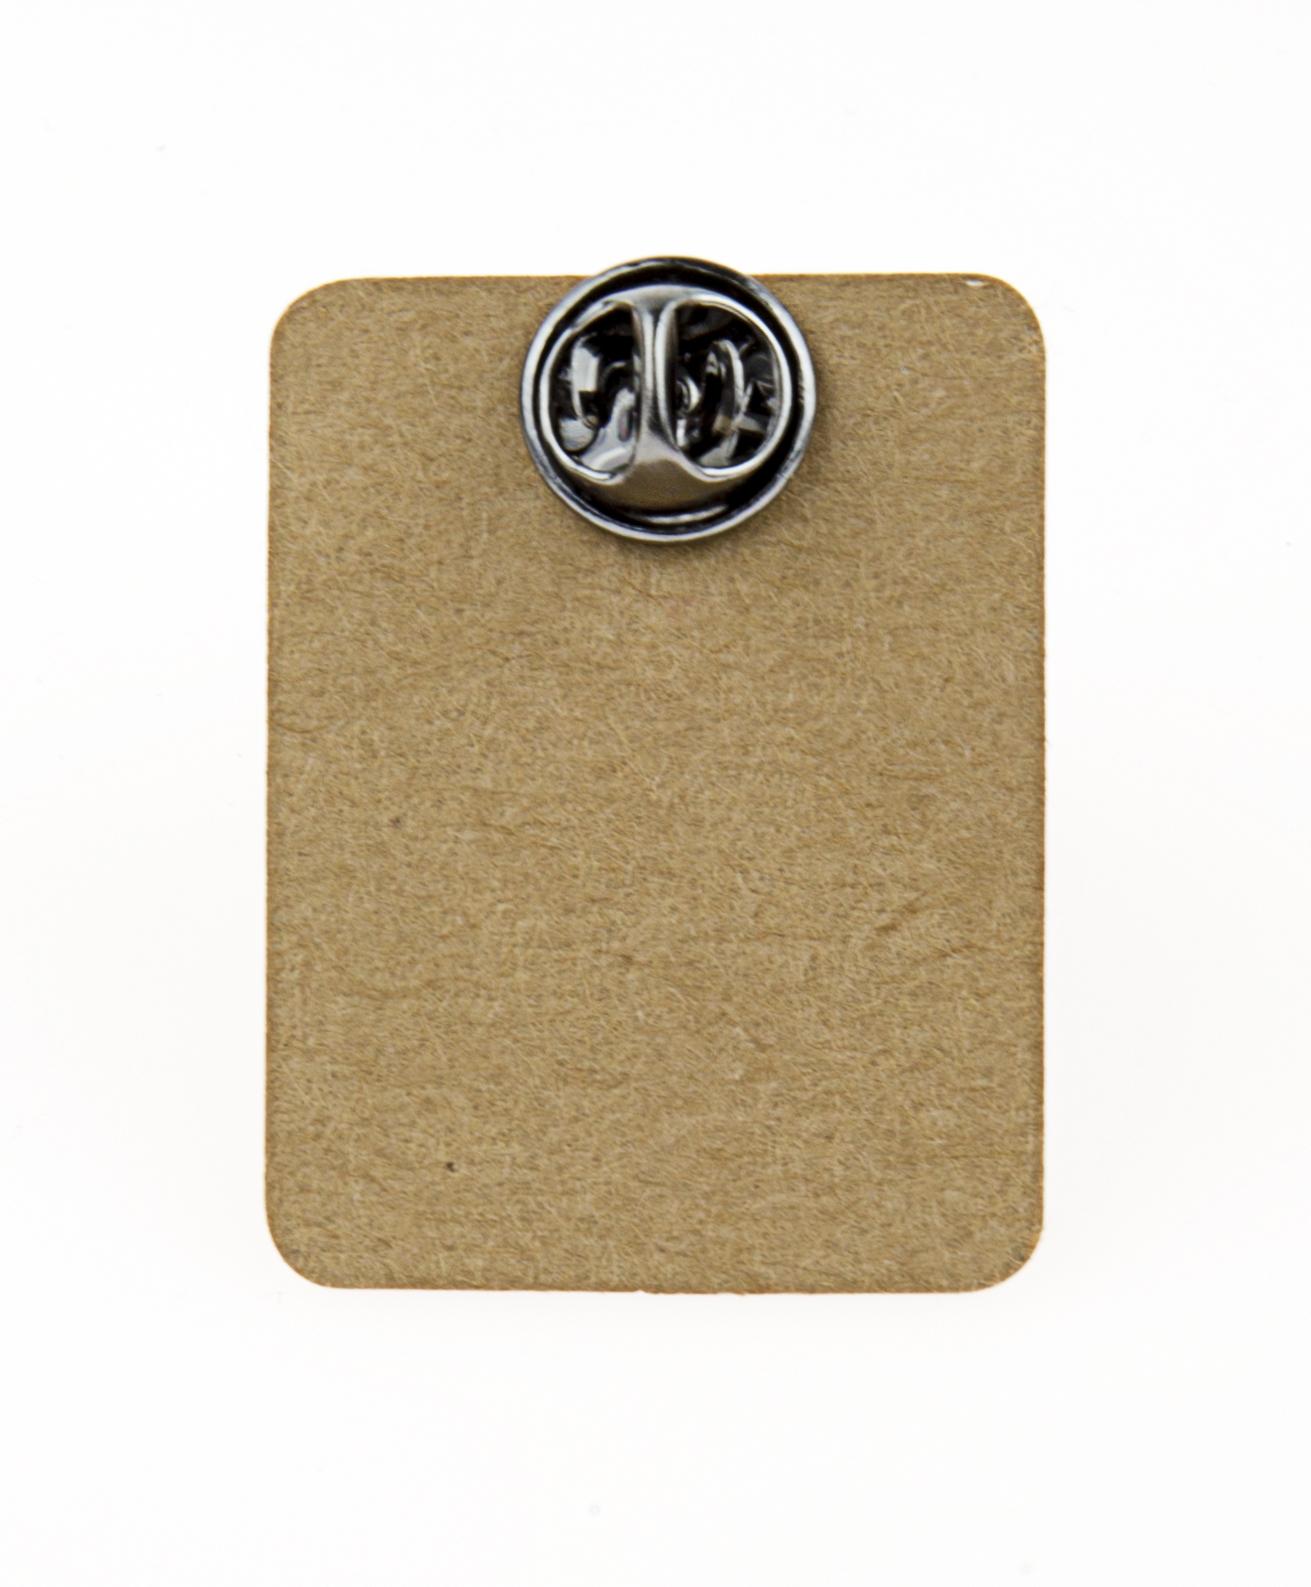 Metal Pony Baby Unicorn Enamel Pin Badge